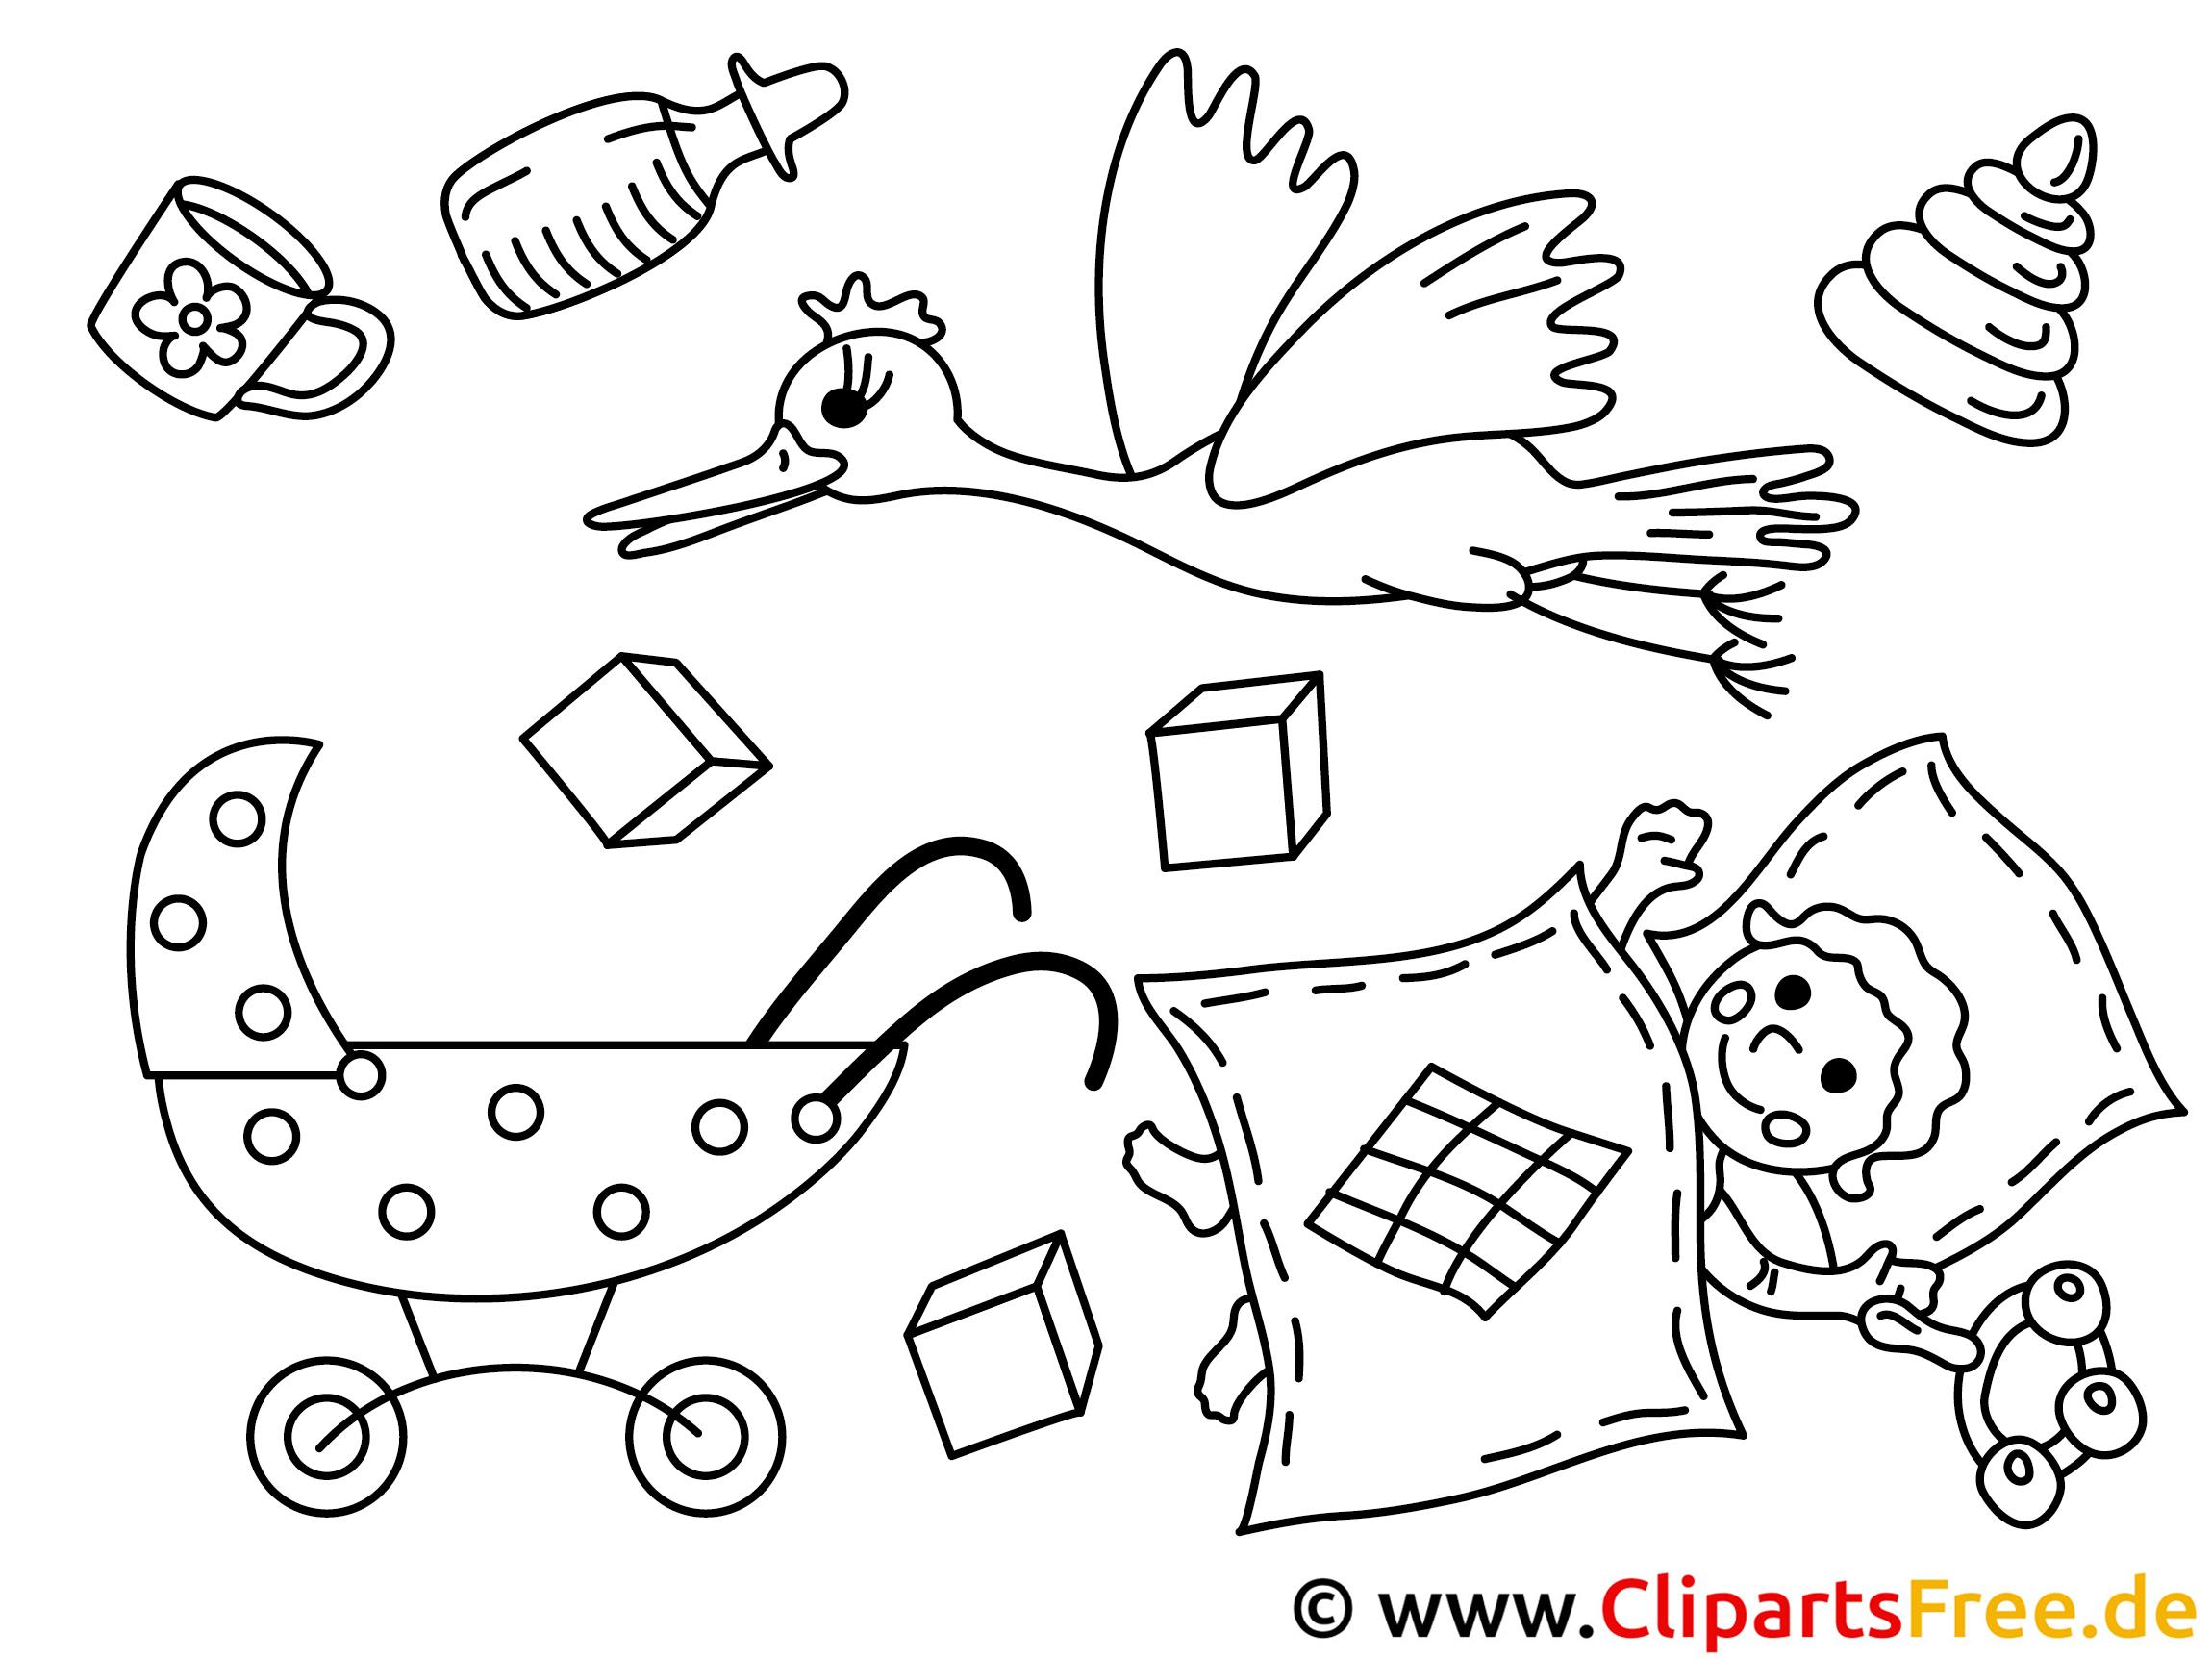 Ausdruck Bilder zum Ausmalen Kindergarten, Kinder